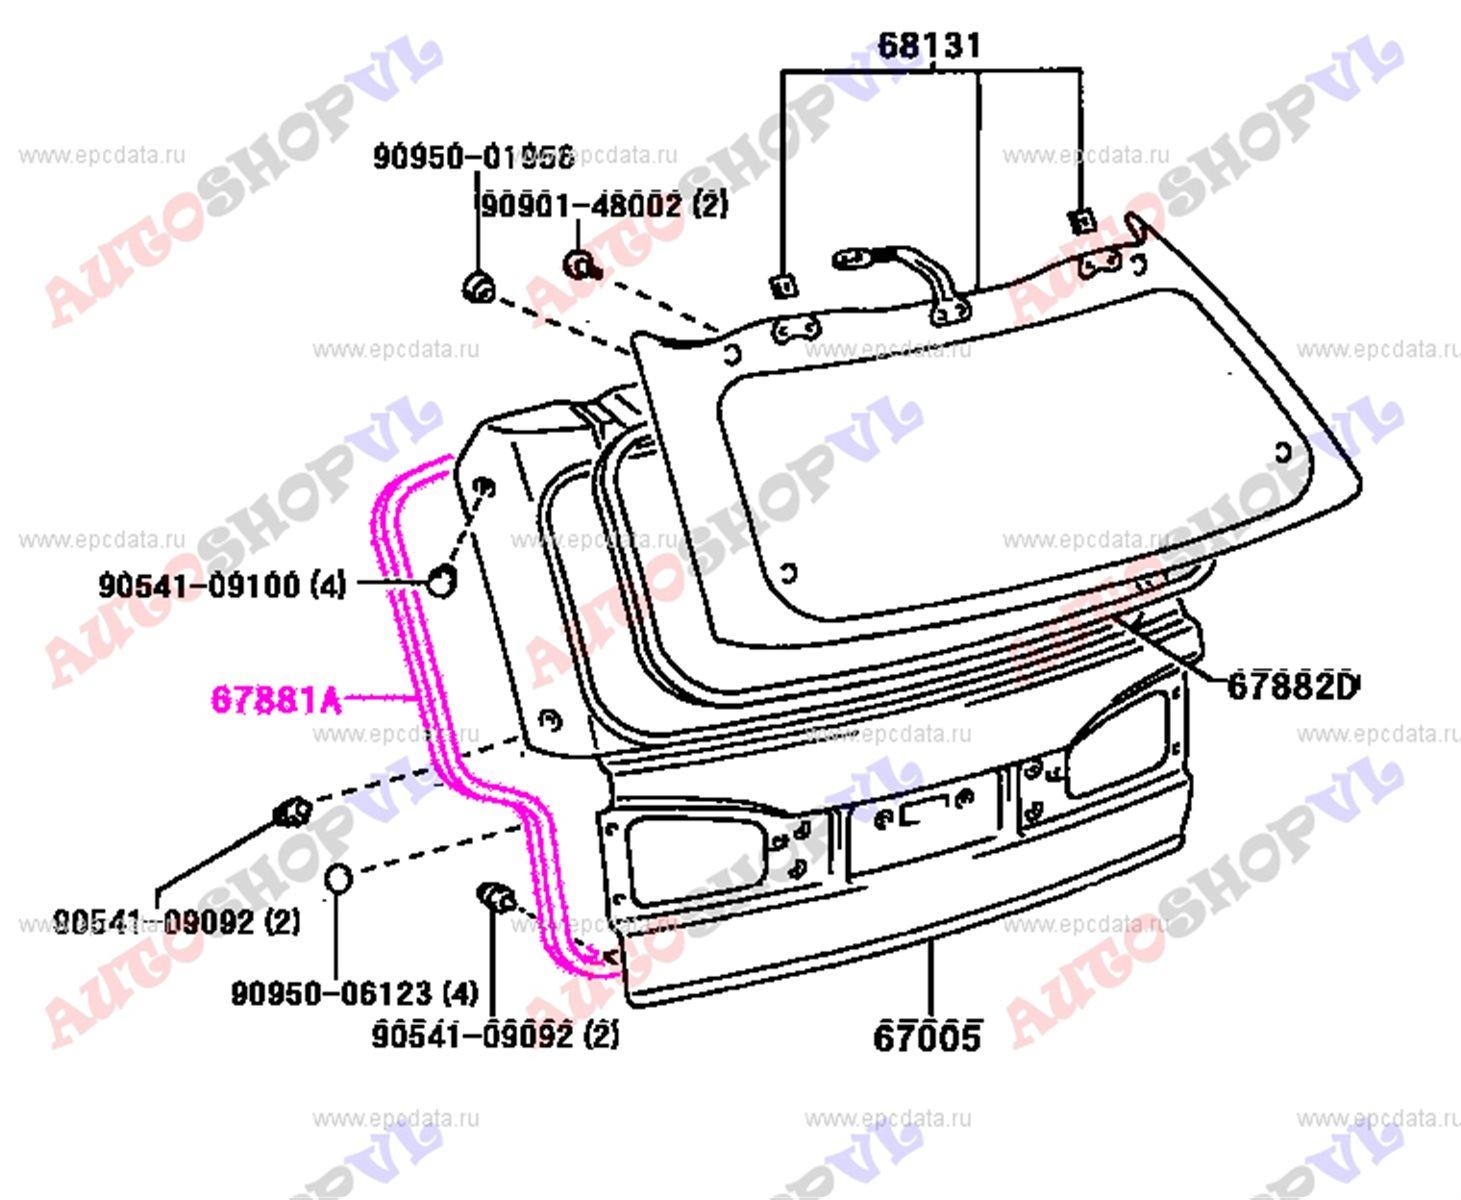 Уплотнительная резинка багажника TOYOTA VISTA ARDEO AZV50 67881-32040 контрактная